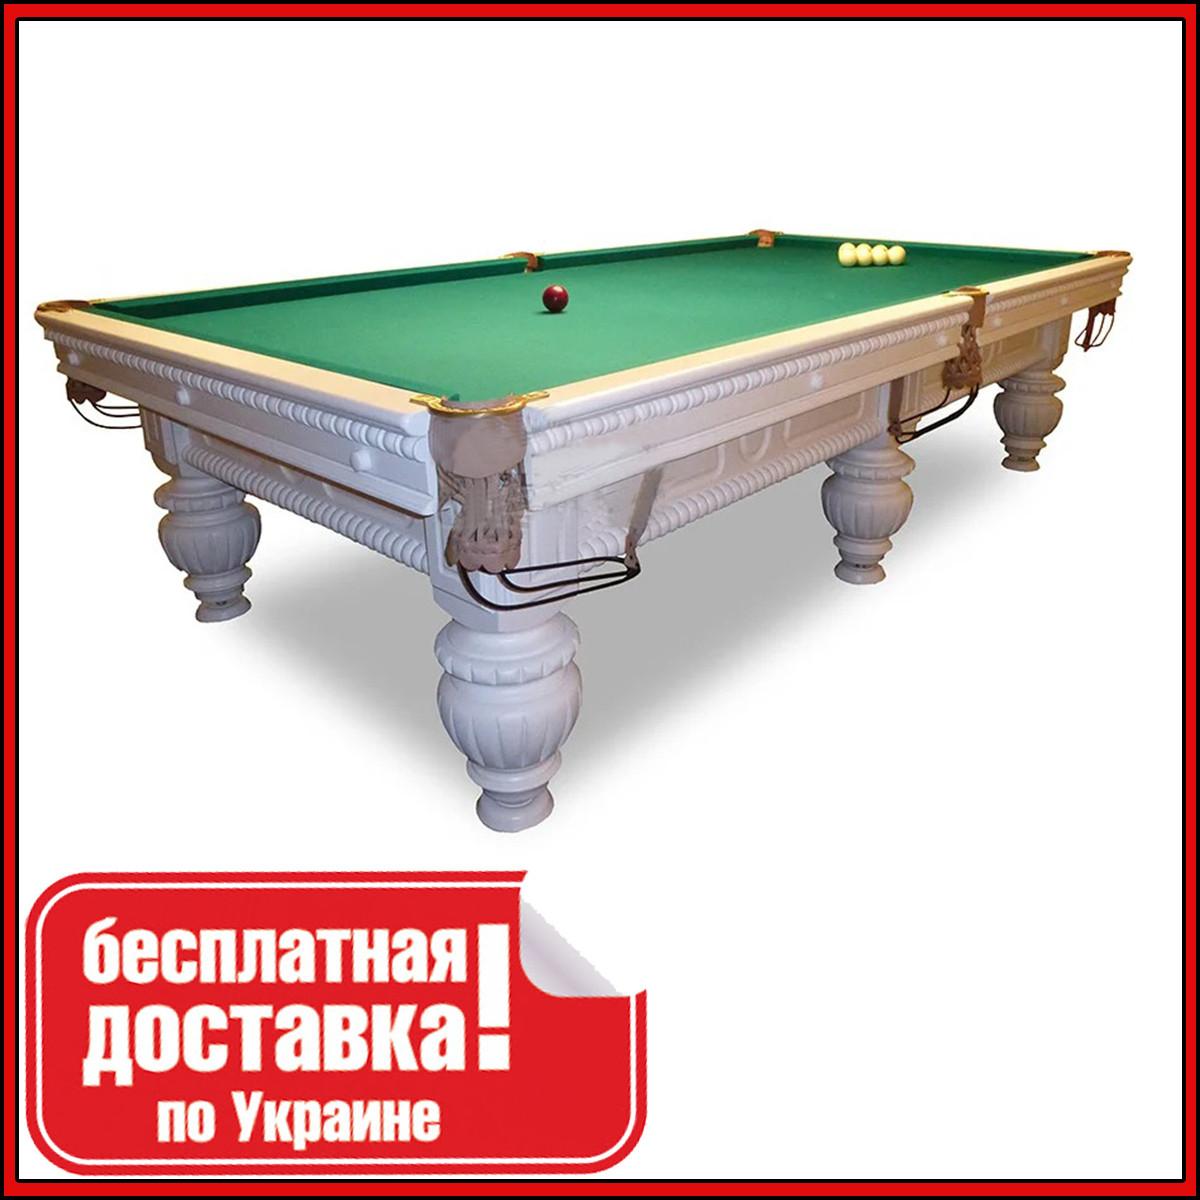 Бильярдный стол для пула КОРОЛЬ АРТУР 7 футов Ардезия 2.0 м х 1.0 м из натурального дерева